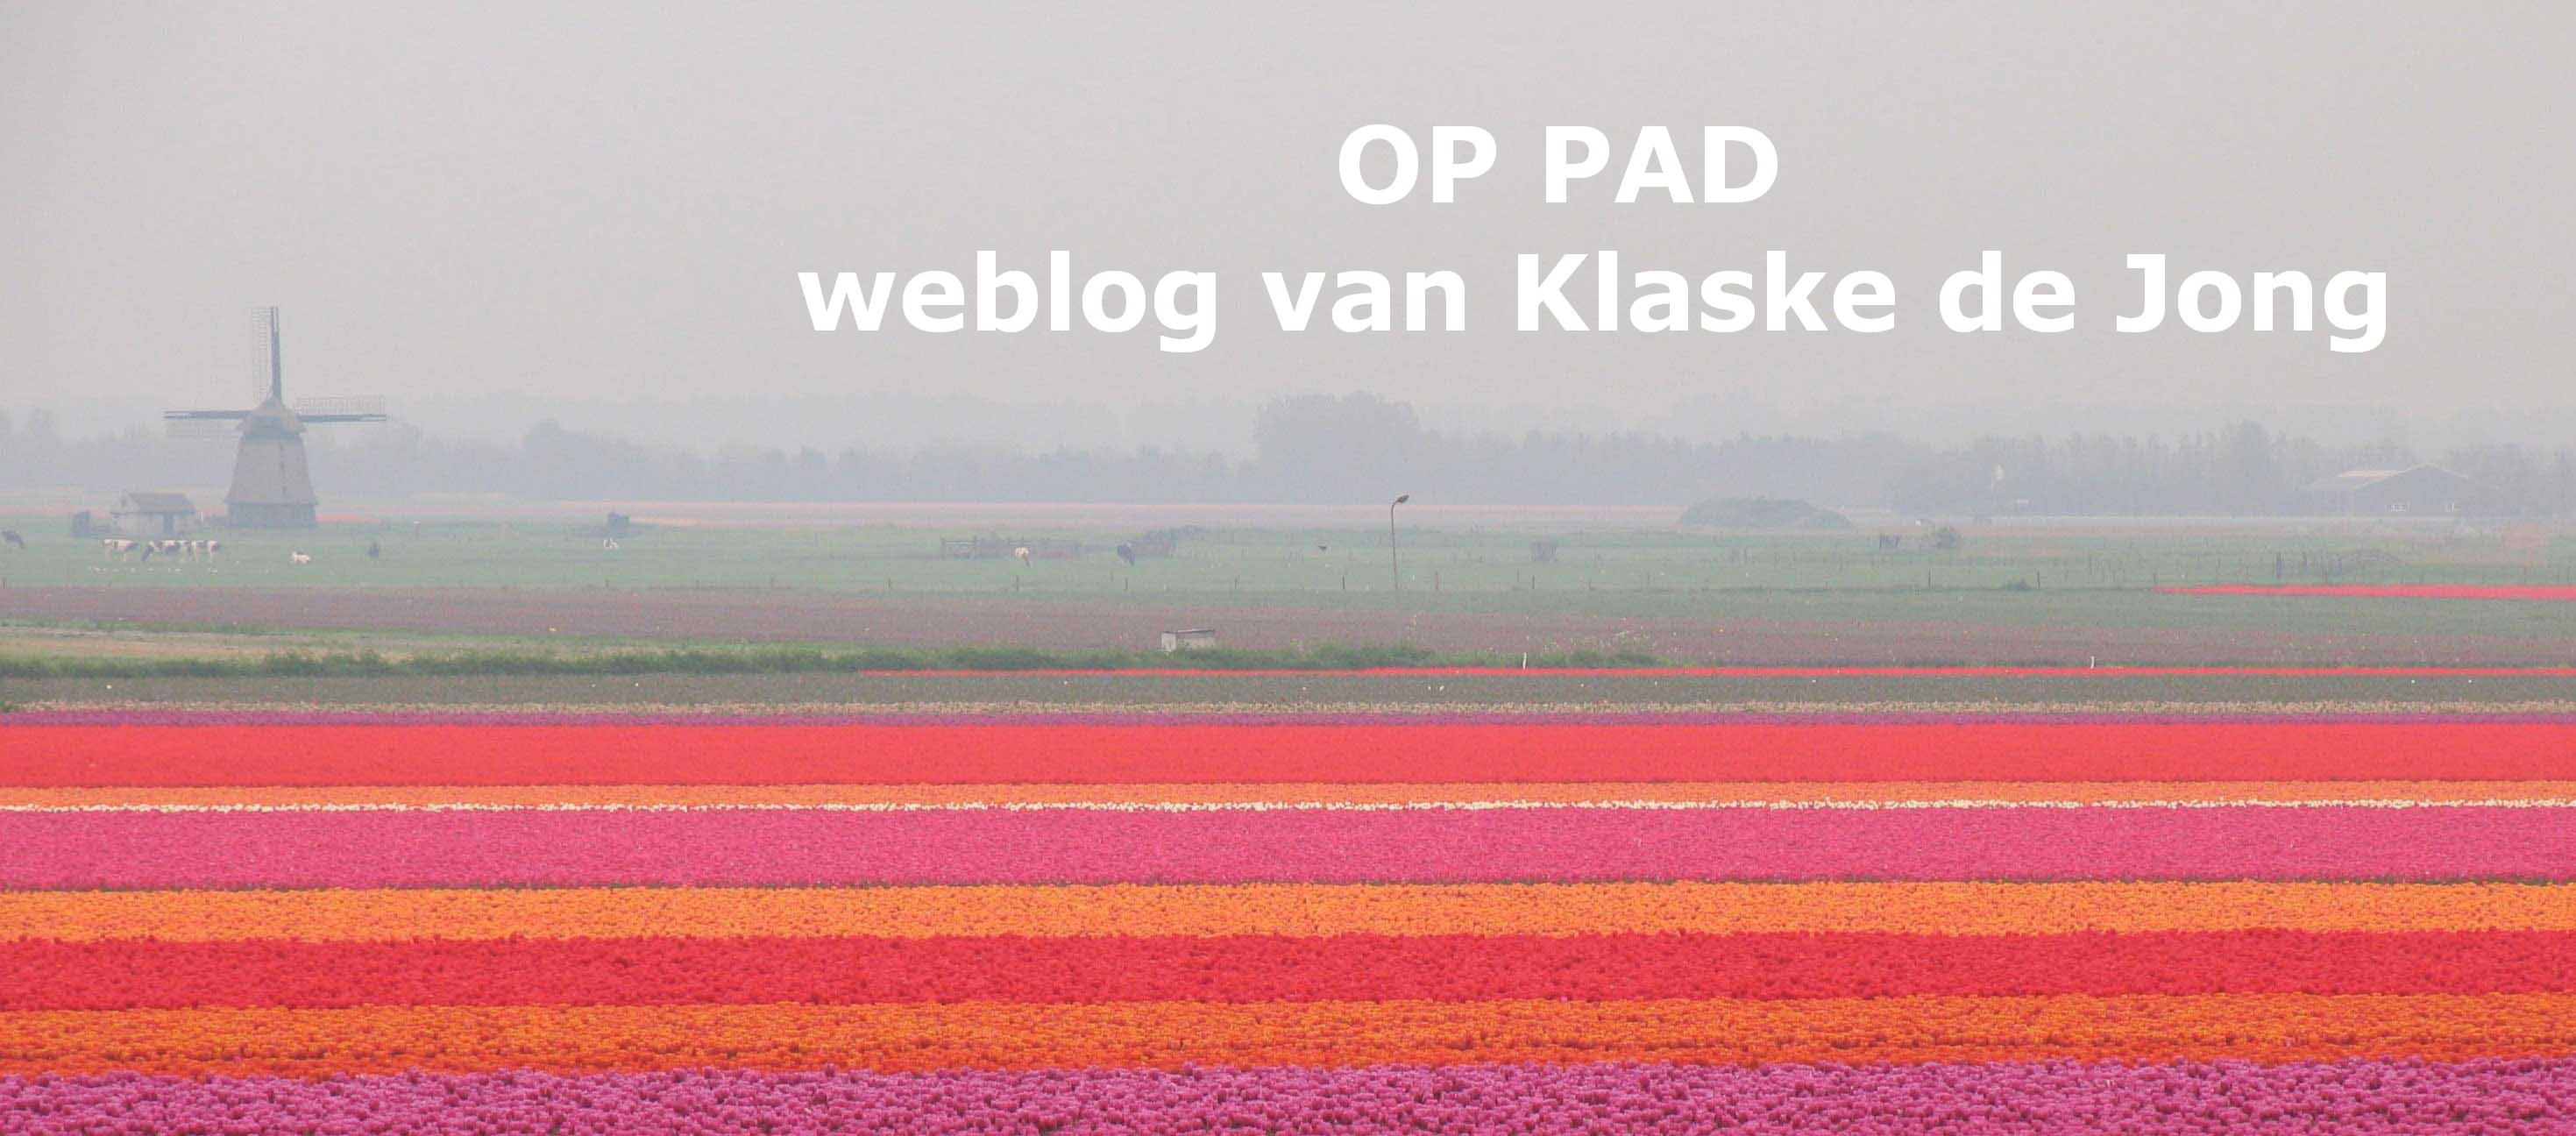 OP PAD, weblog van Klaske de Jong